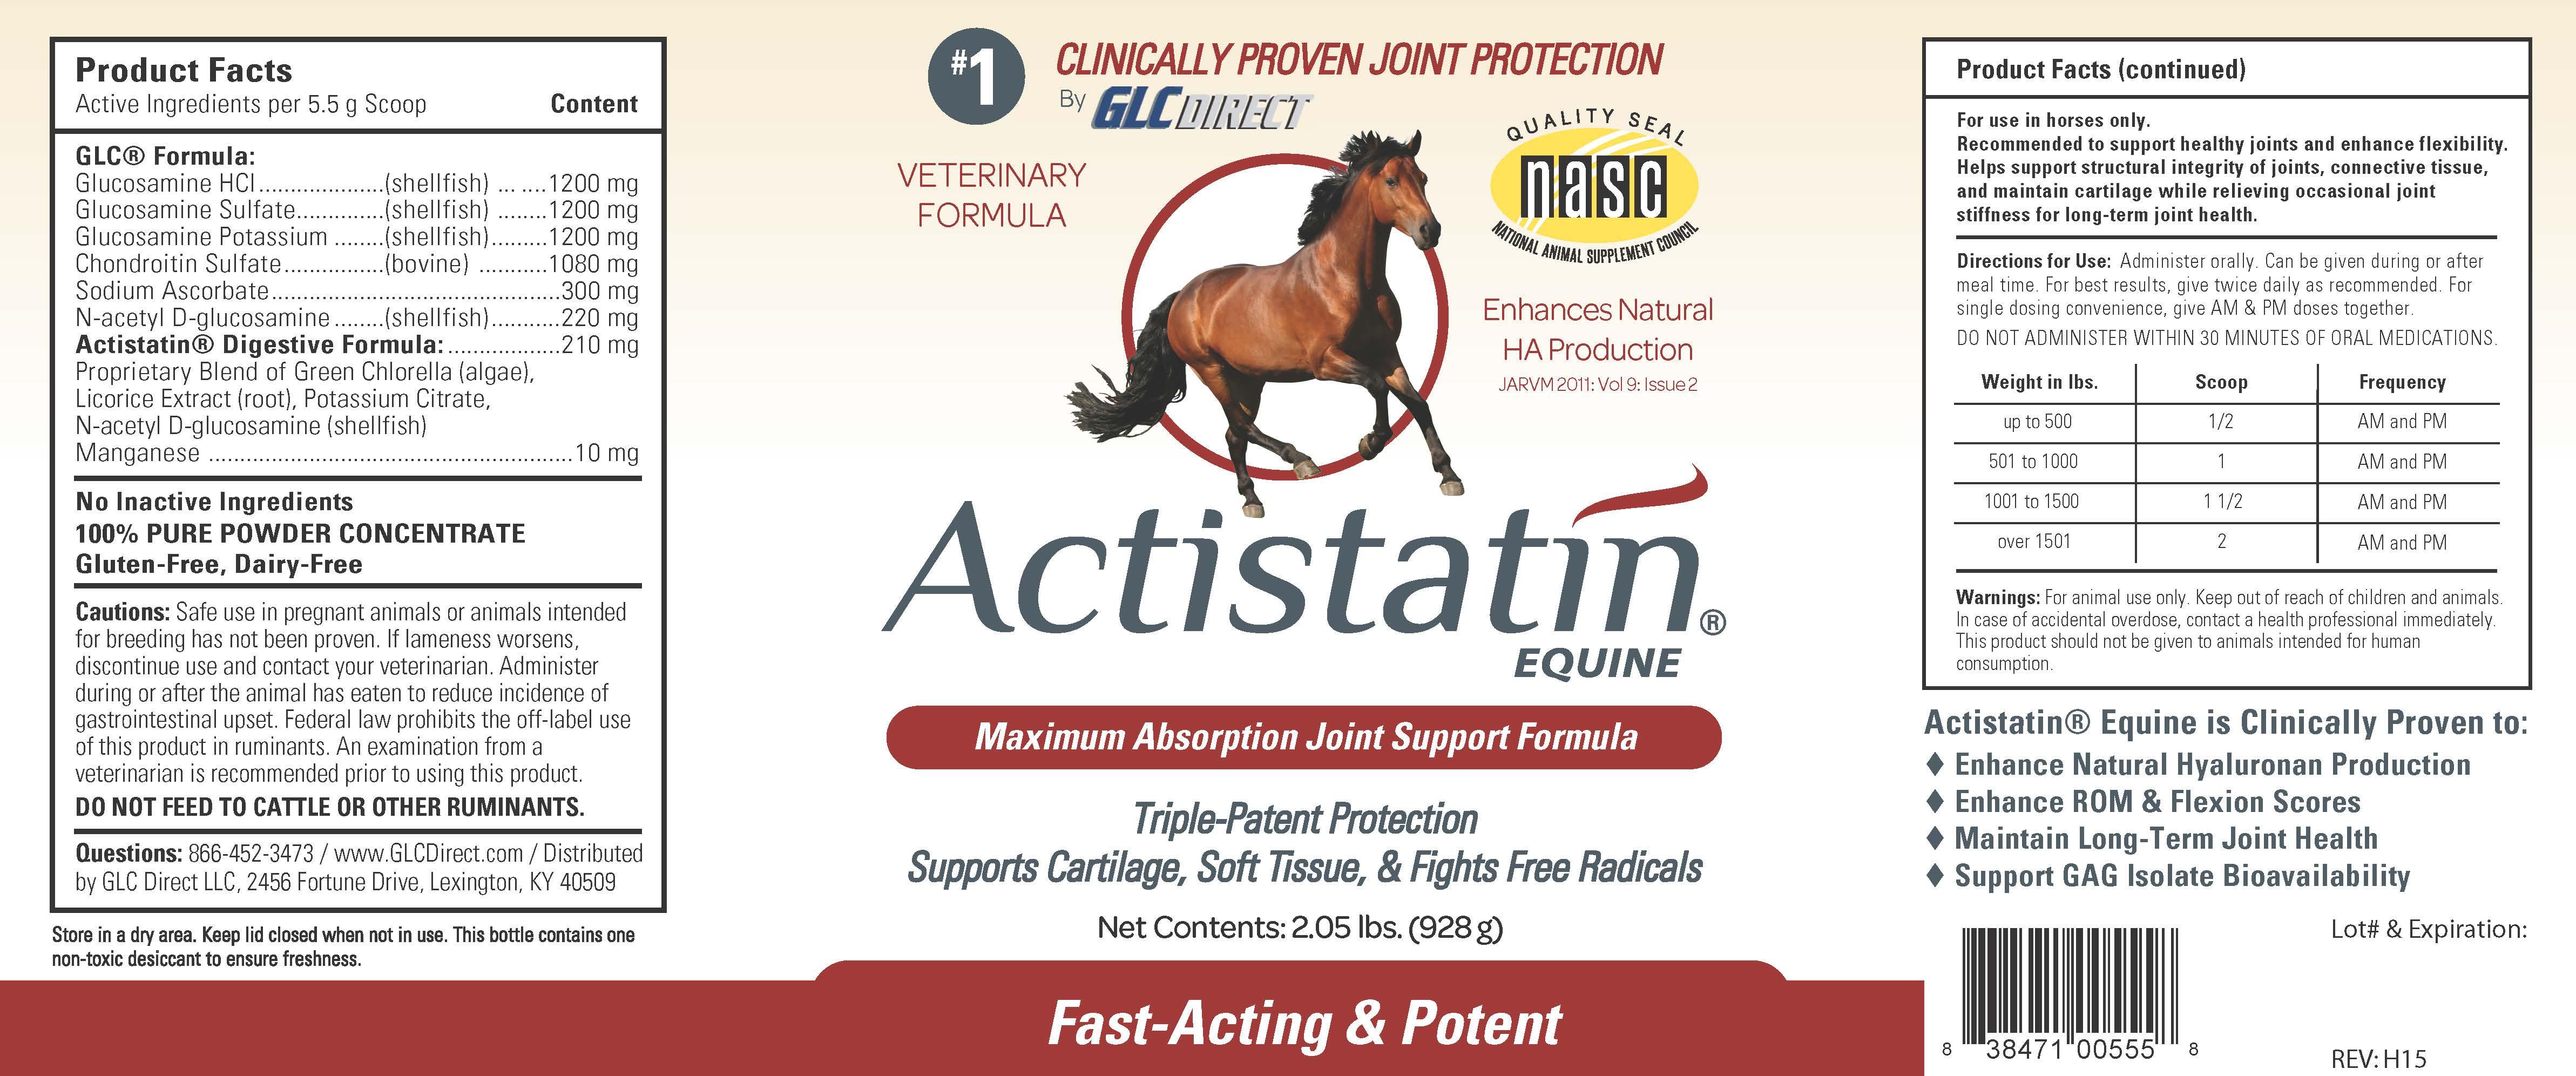 actistatin-equine-nasc-2015.jpg